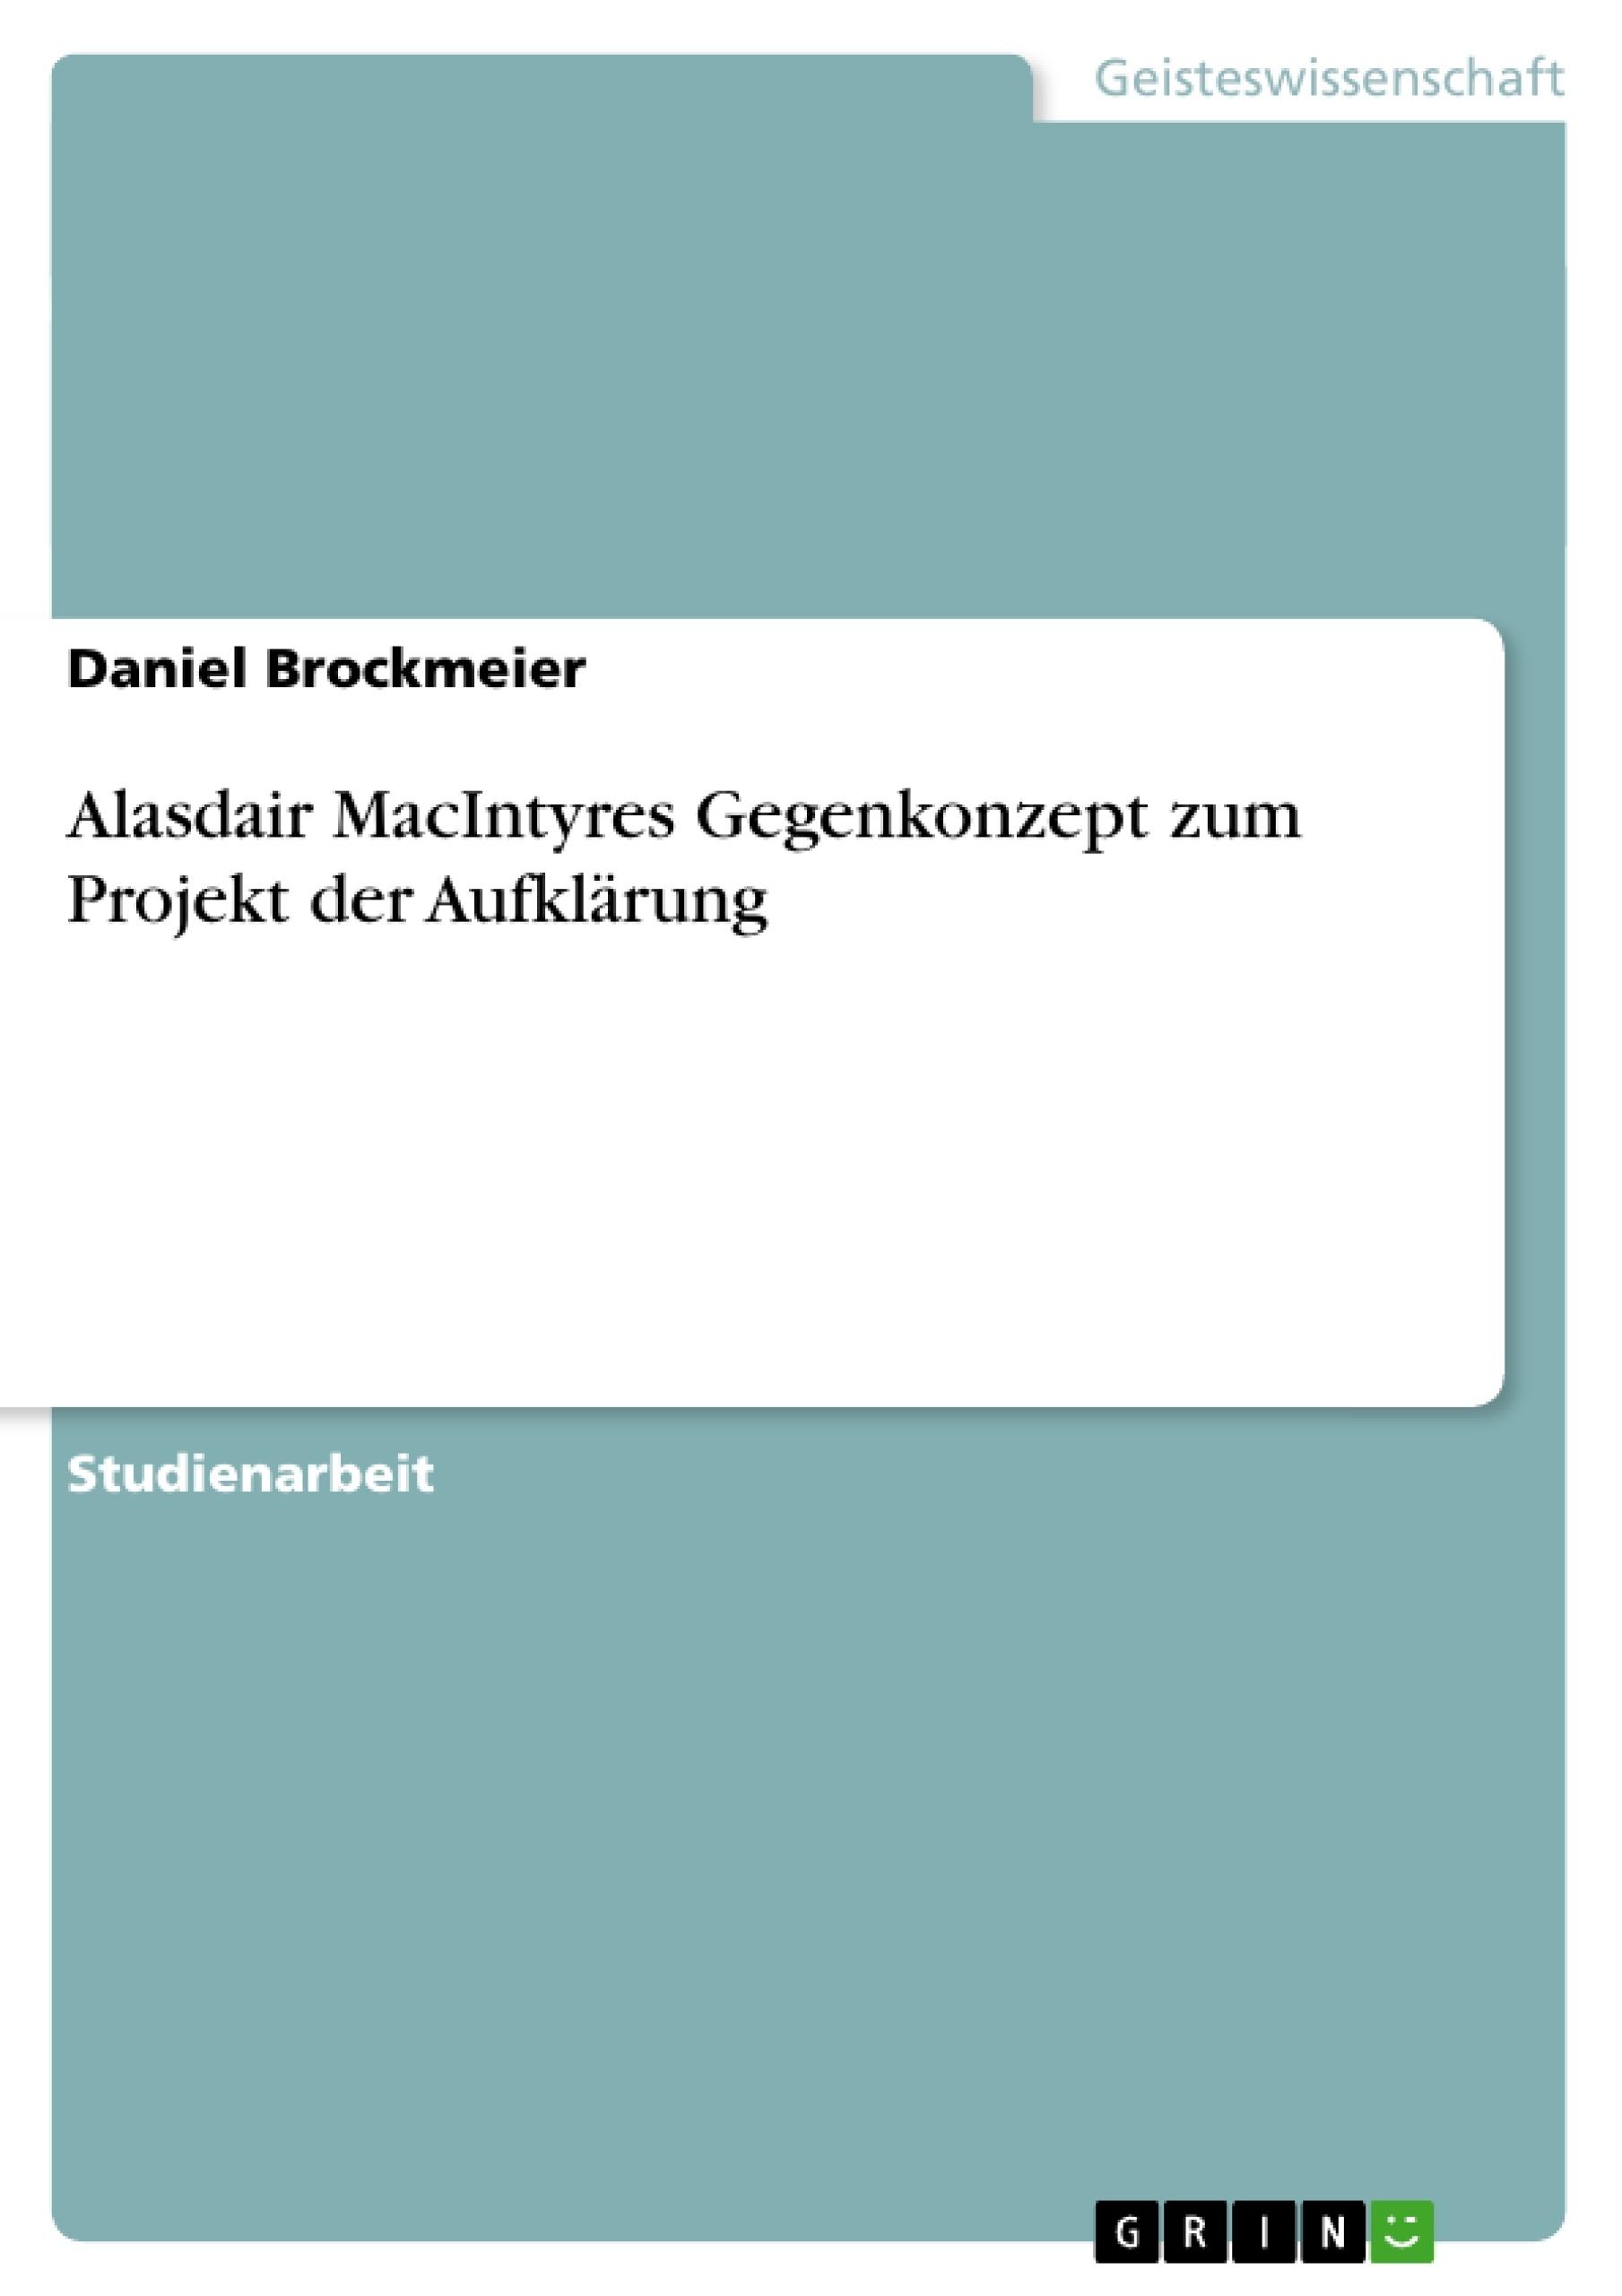 Titel: Alasdair MacIntyres Gegenkonzept zum Projekt der Aufklärung